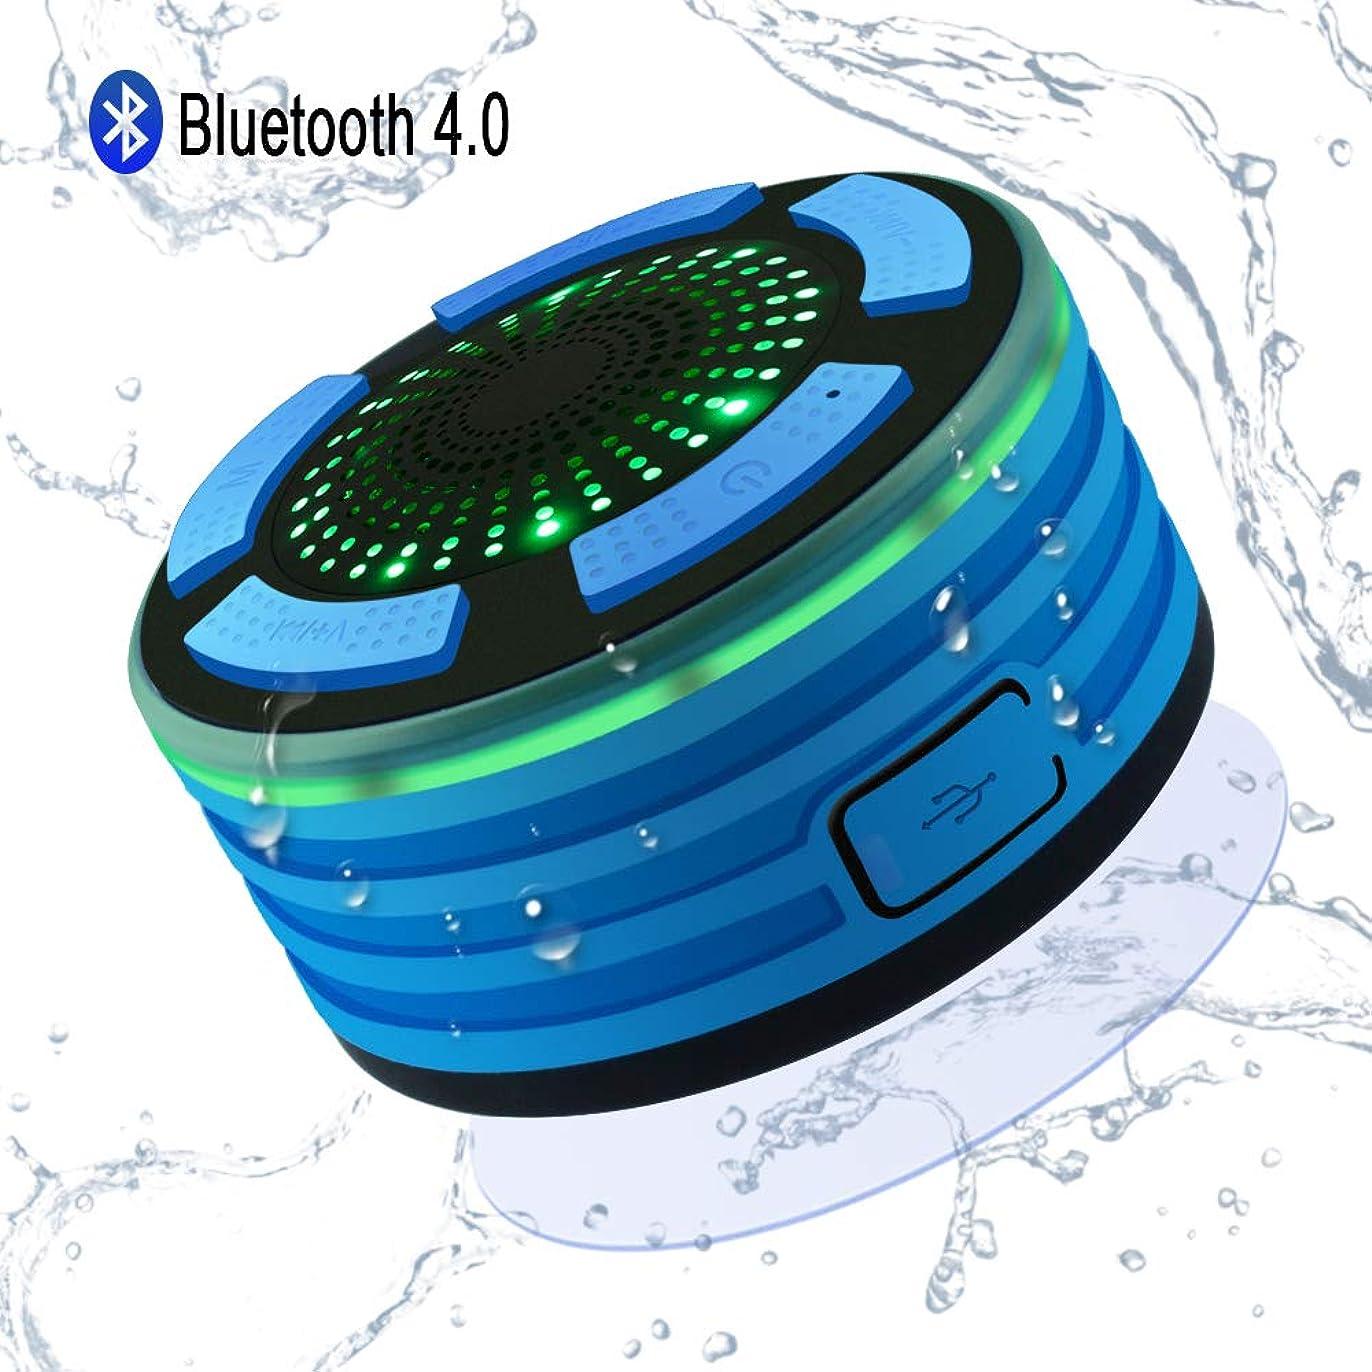 メタリック助手有力者防水Bluetoothスピーカーワイヤレスポータブルシャワー無線機FMラジオとLEDムードライト、HDサウンドUSB充電式バスルームプールビーチのキッチンアウトドア